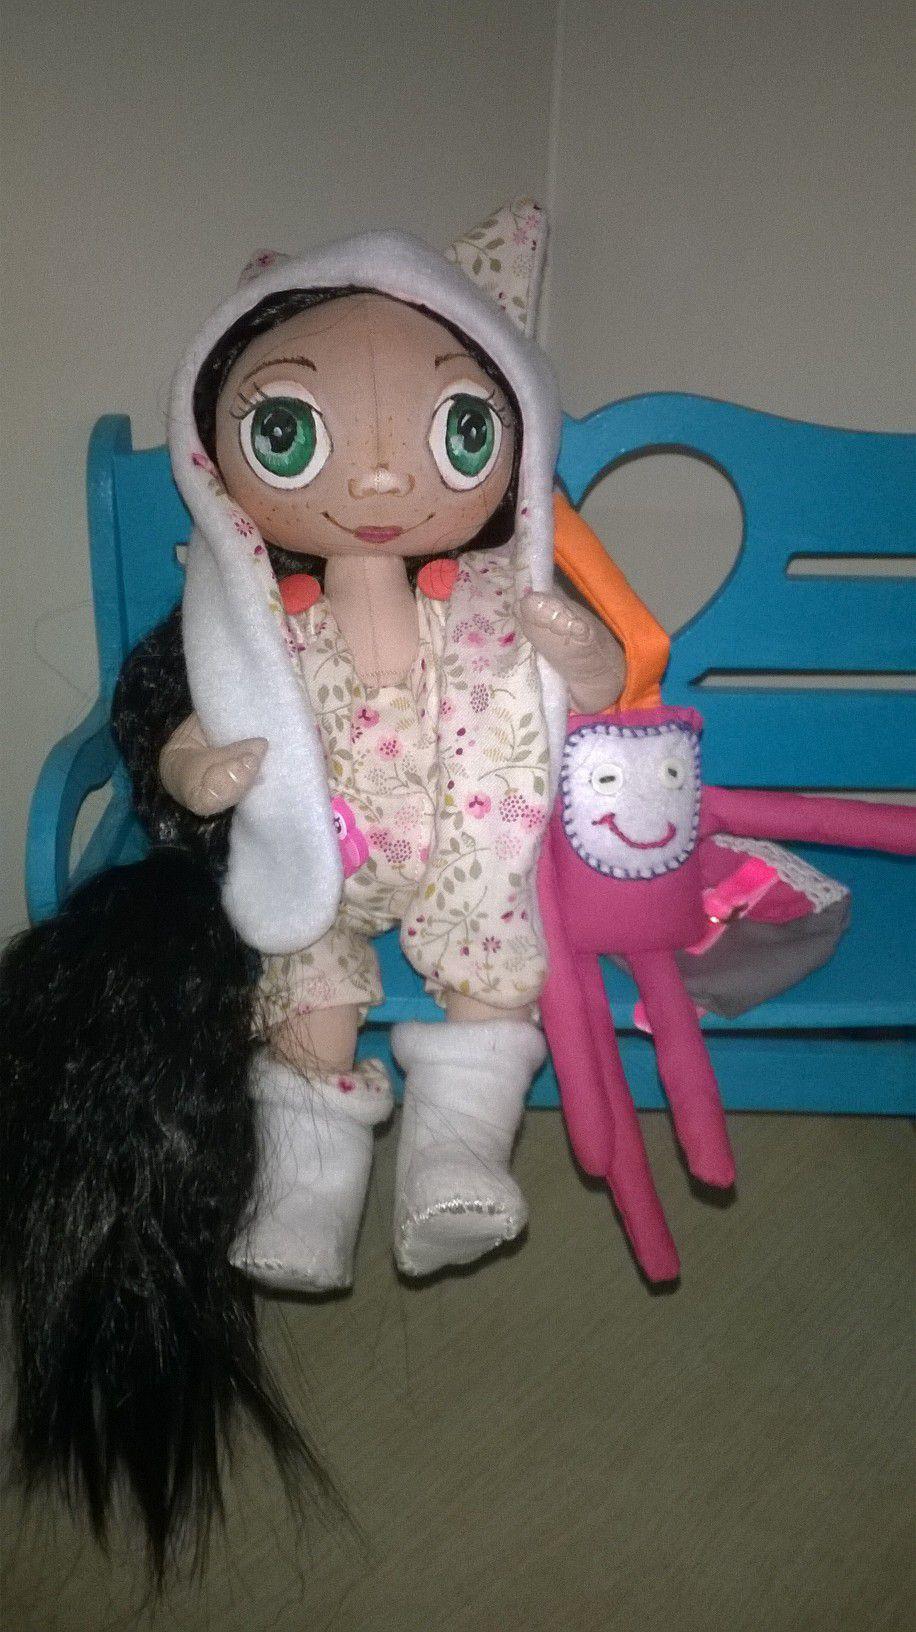 doll подарок декор игра текстильные куклы